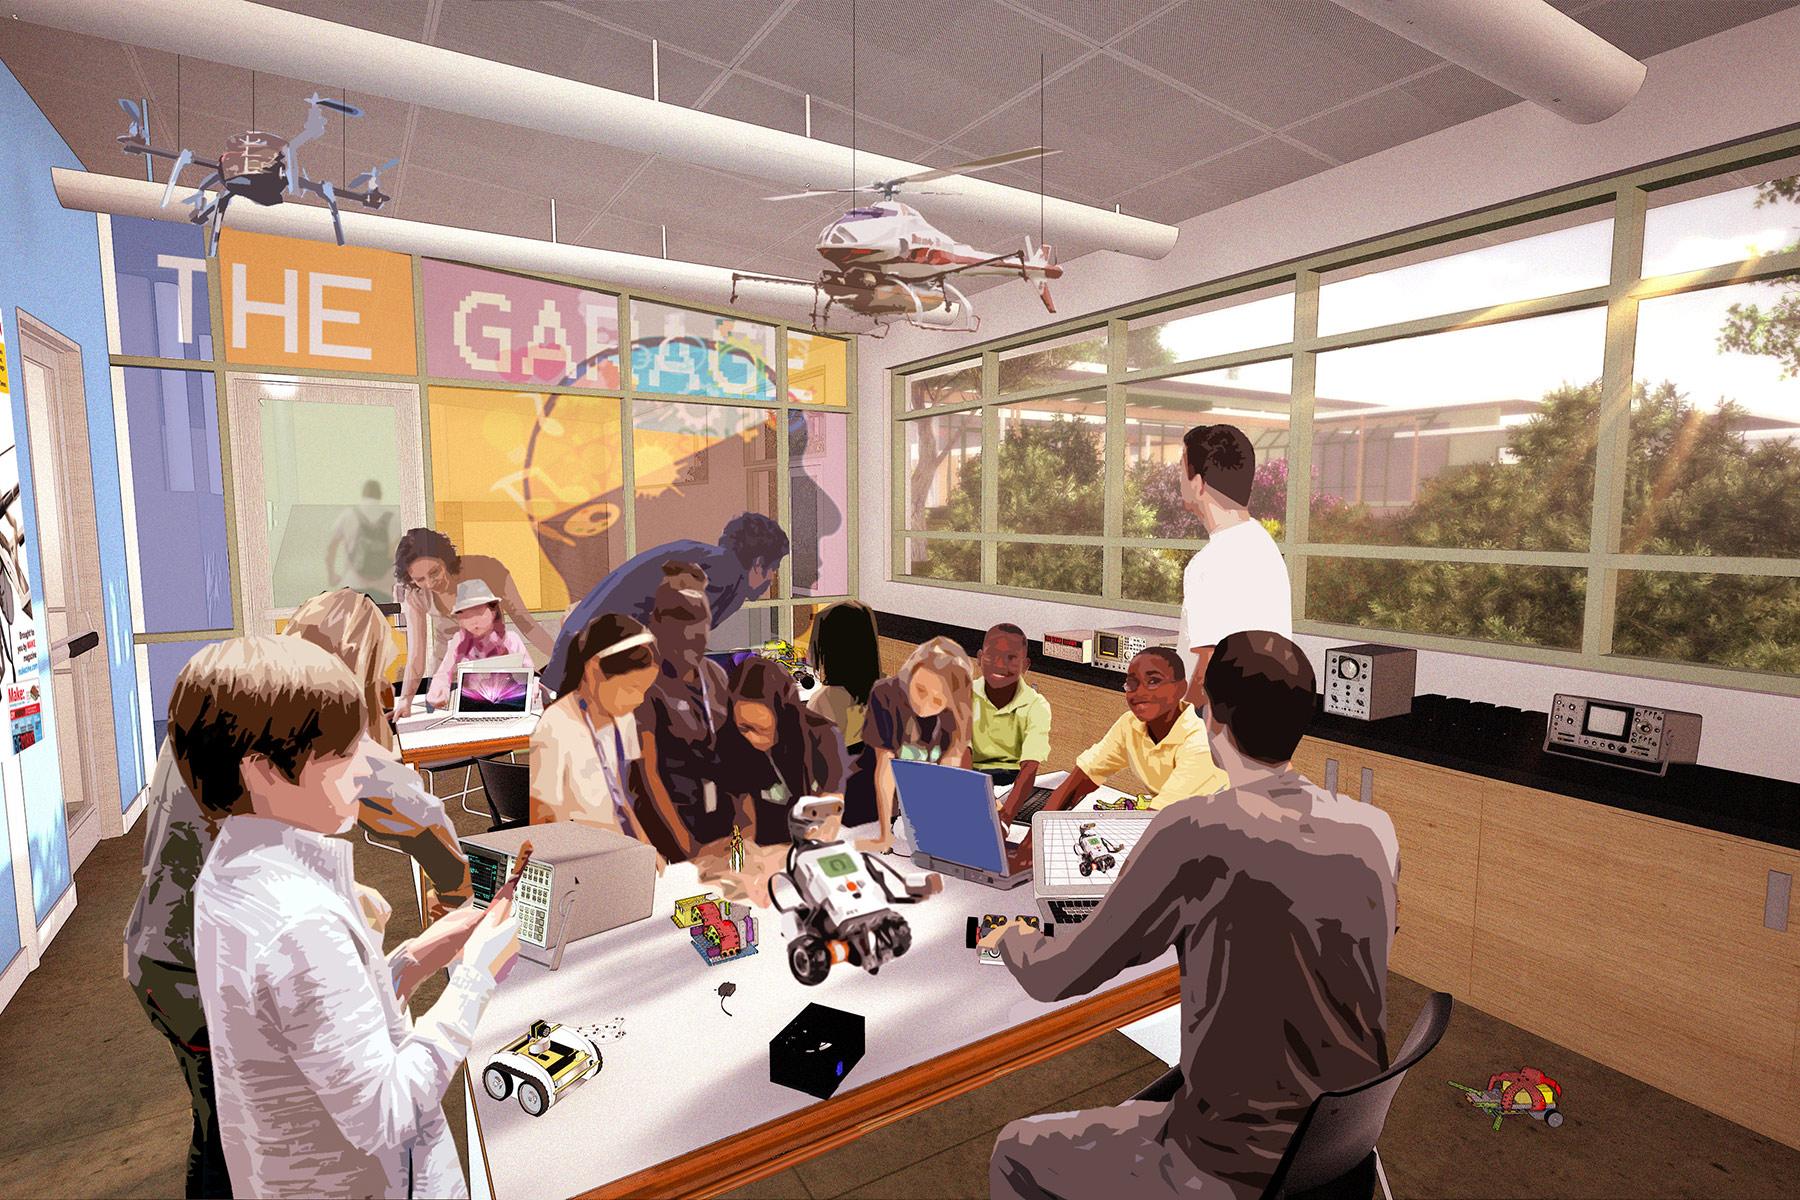 The Garage/STEAM Labs